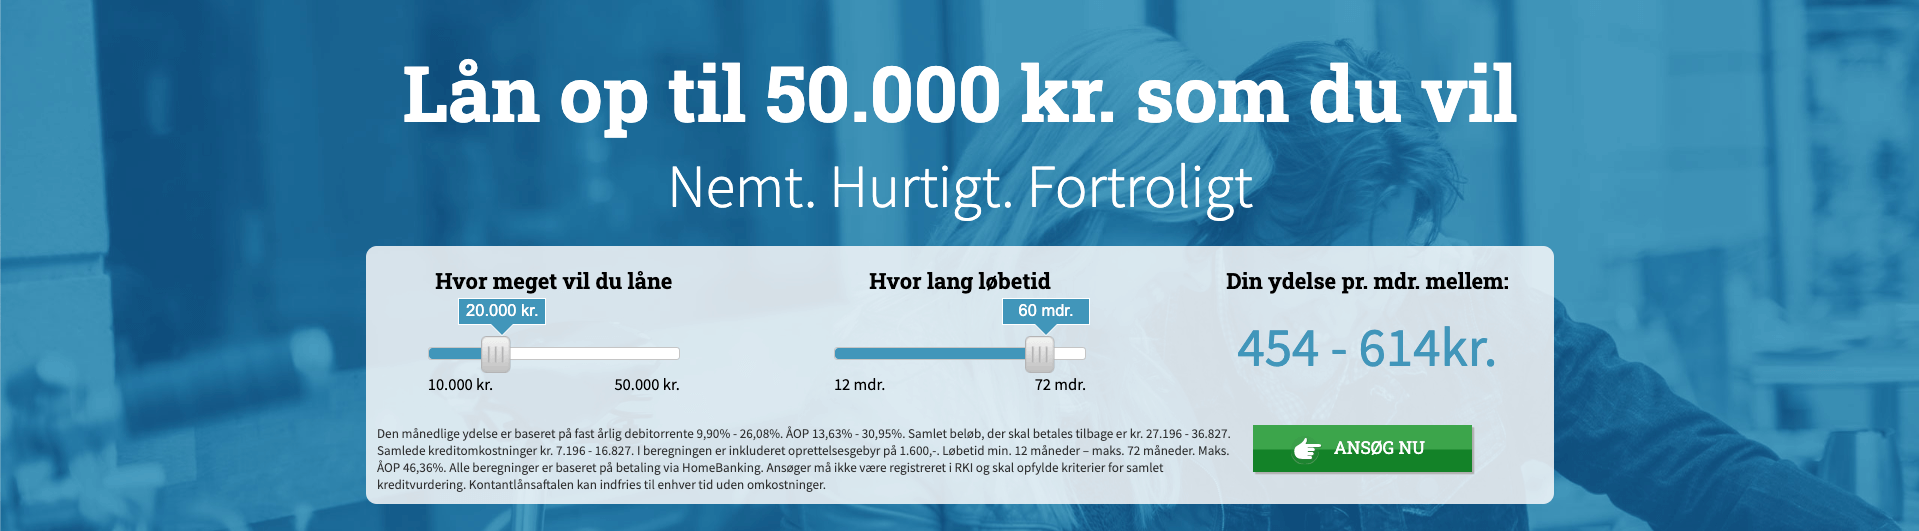 Screenshot - Leasy.dk lån